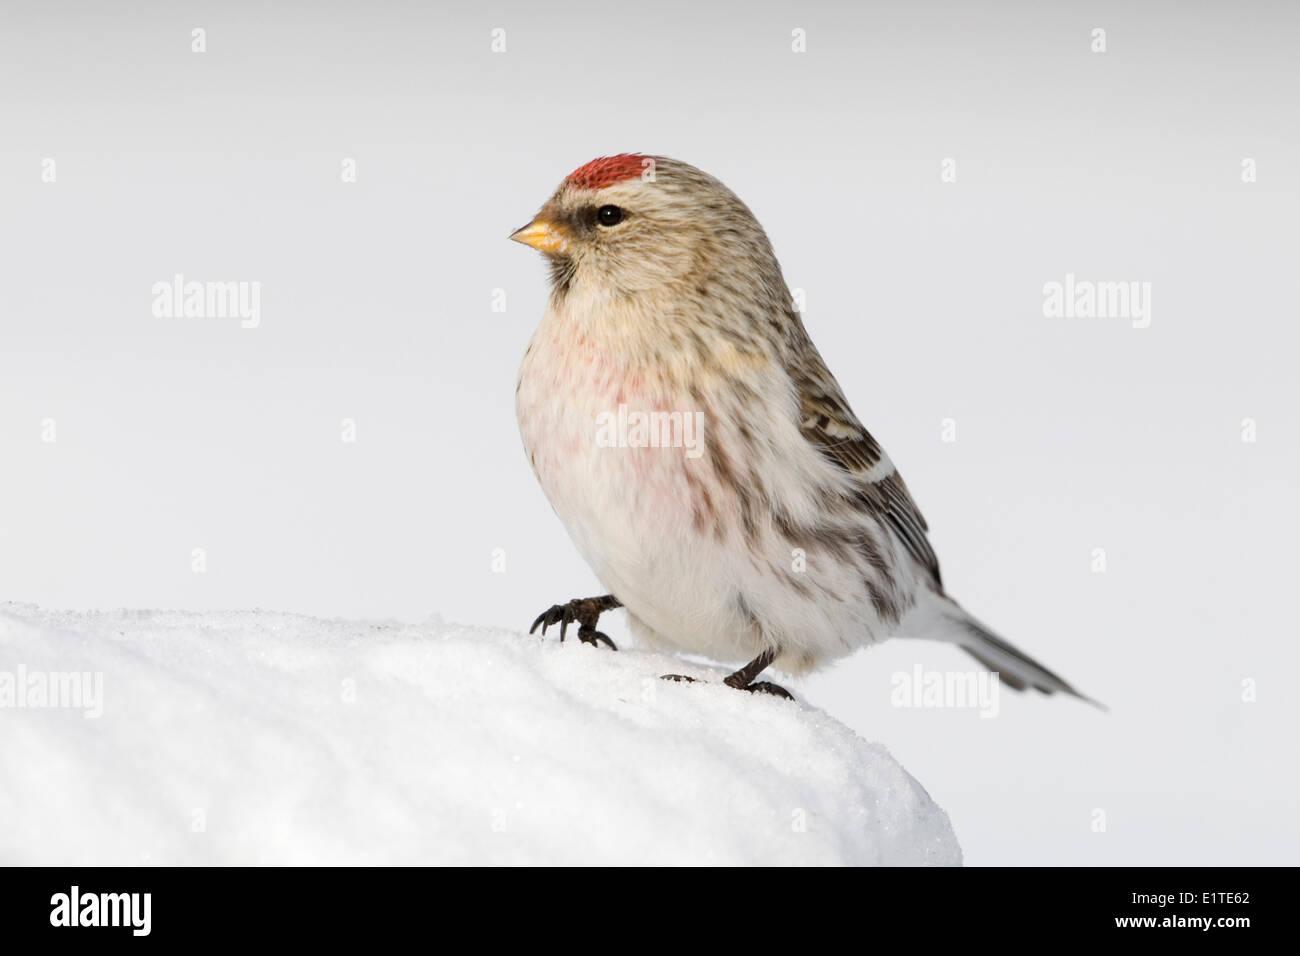 Un Redpoll canosos sentados en la nieve. Foto de stock